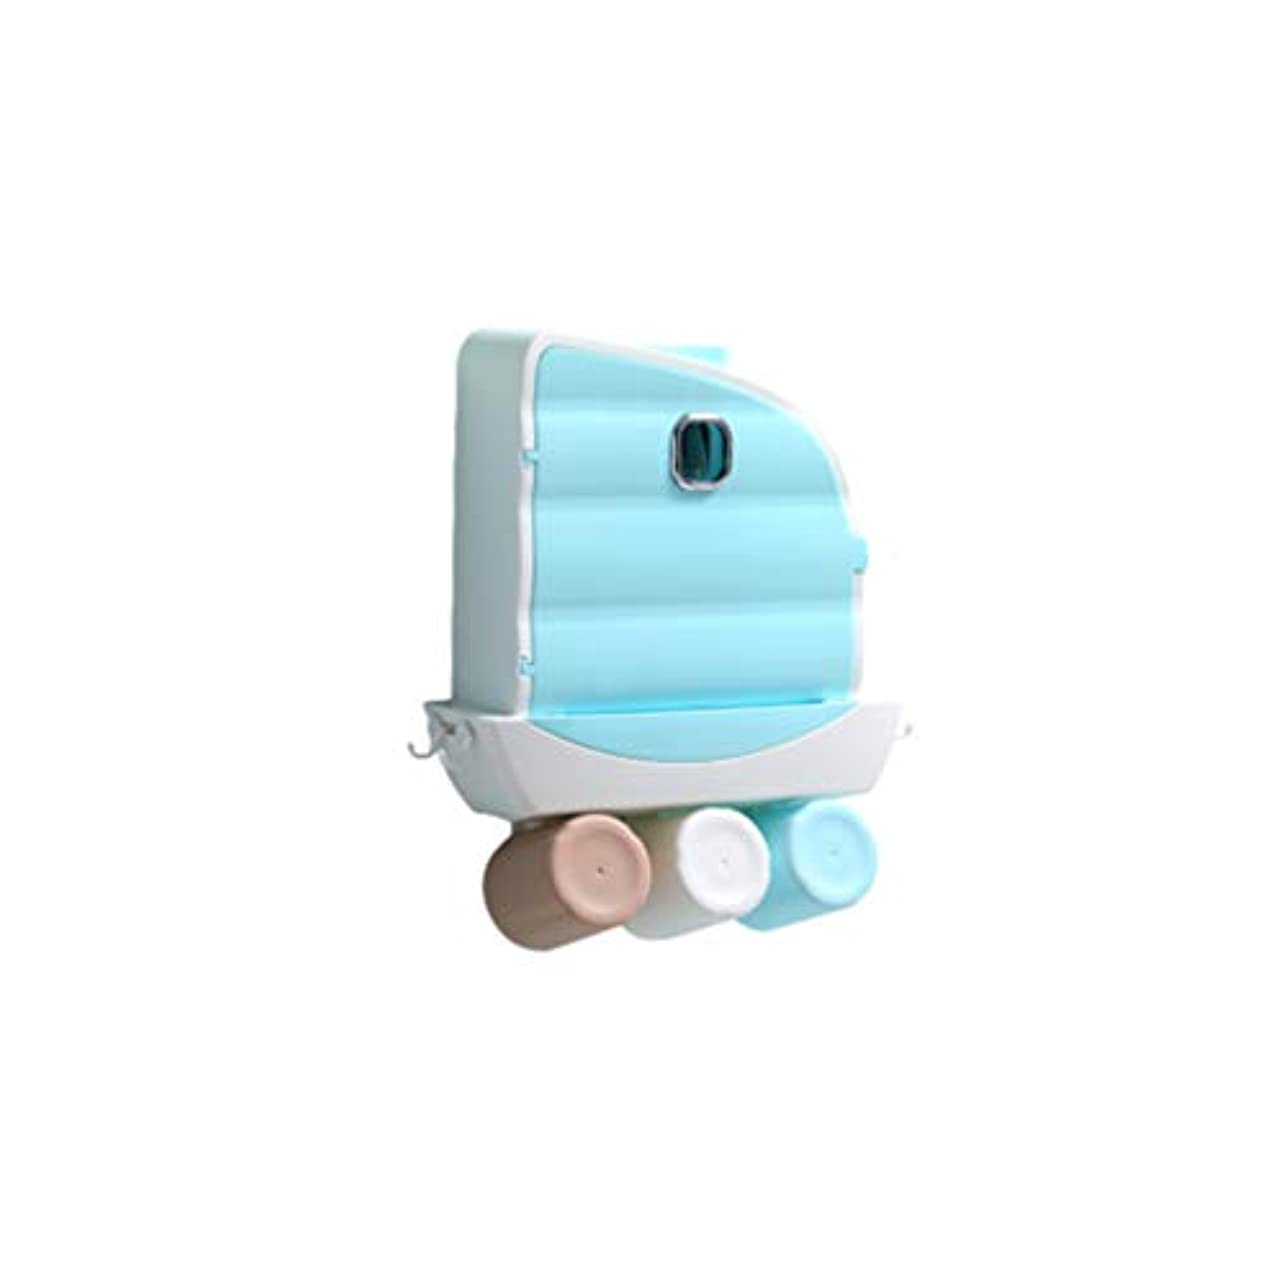 ジェームズダイソン壊れたサンダースHealifty 歯ブラシホルダー壁掛け歯磨き粉スクイーザーキット(3カップ付き)